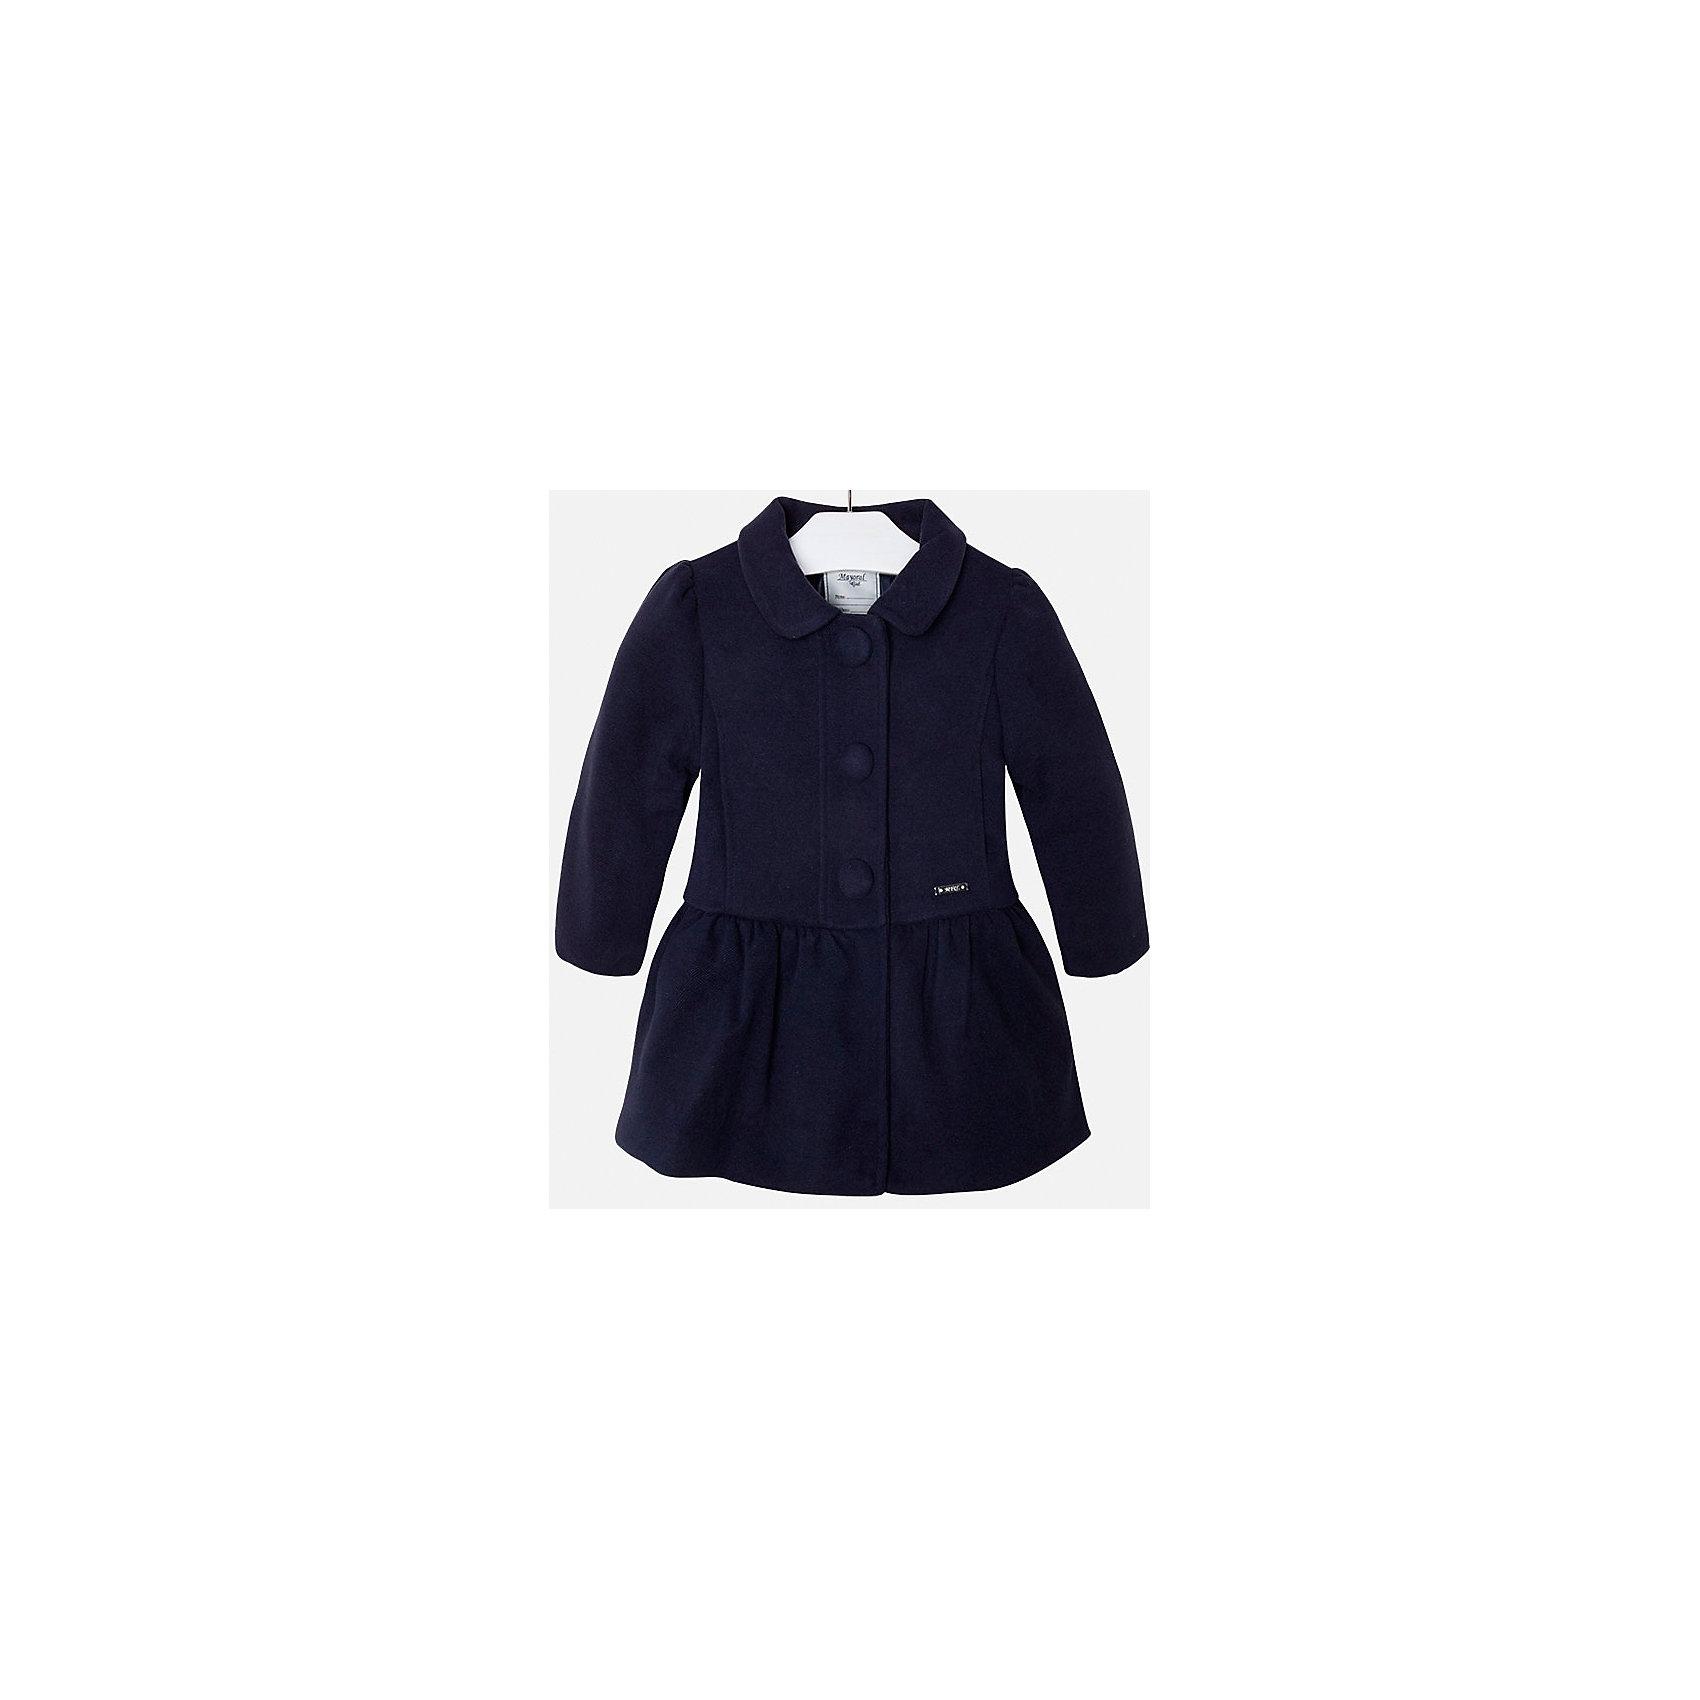 Пальто для девочки MayoralВерхняя одежда<br>Пальто для девочки из коллекции осень-зима 2016-2017 известного испанского бренда Mayoral (Майорал). Стильное и удобное темно-синее пальто классического покроя. Приталенный силуэт, откидной воротничок и модные крупные пуговки придутся по вкусу вашей моднице. Пальто застегивается на молнию и содержит синтепон как утеплитель, карманы отсутствуют. Пальто имеет качественный крой и маленькую пластинку с наименованием бренда на лицевой стороне спереди.<br><br>Дополнительная информация:<br>- Длина: удлиненная <br>- Силуэт: приталенный; прямой <br>- Утеплитель: синтепон<br>Состав: полиэстер 90%,вискоза 8%,эластан 2%<br><br>Пальто для девочки Mayoral (Майорал) можно купить в нашем интернет-магазине.<br><br>Подробнее:<br>• Для детей в возрасте: от 5 до 12 лет<br>• Номер товара: 4843787 <br>Страна производитель: Китай<br><br>Ширина мм: 356<br>Глубина мм: 10<br>Высота мм: 245<br>Вес г: 519<br>Цвет: синий<br>Возраст от месяцев: 48<br>Возраст до месяцев: 60<br>Пол: Женский<br>Возраст: Детский<br>Размер: 110,122,128,134,98,116,104<br>SKU: 4843834